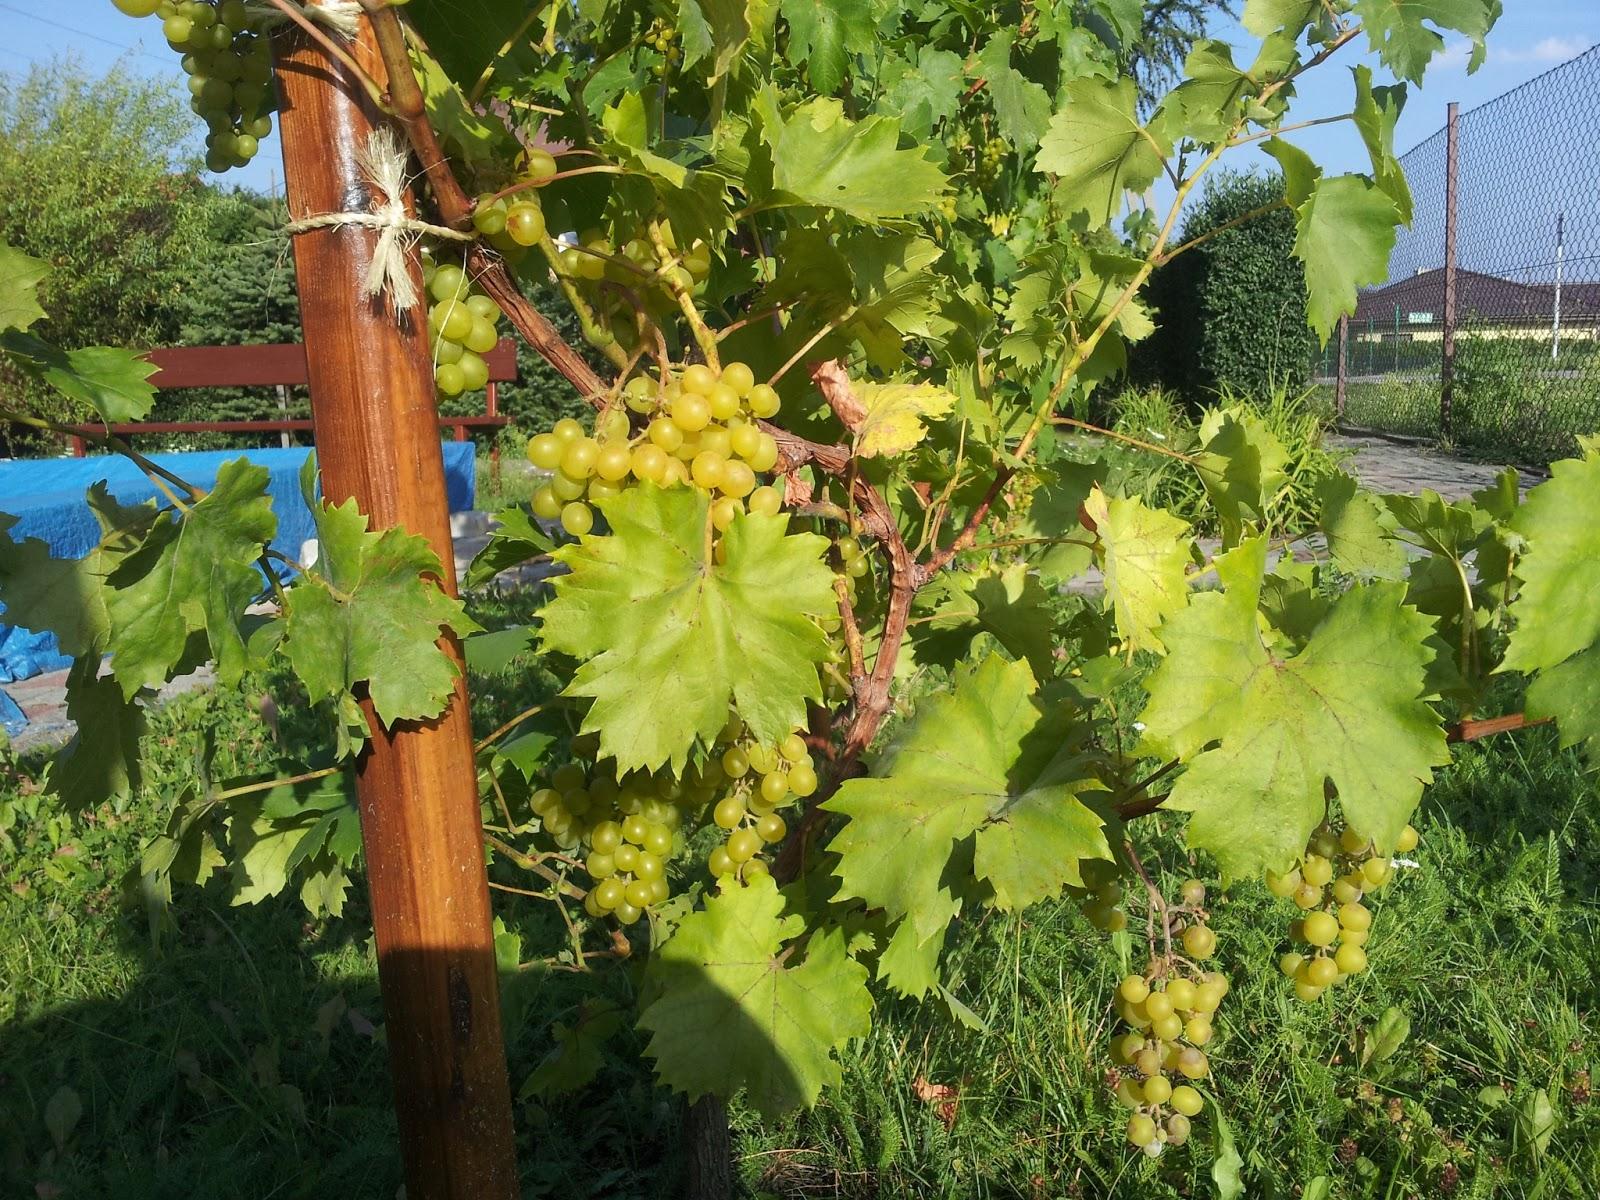 http://1.bp.blogspot.com/-xkM6V80s4xI/USFQhU6i02I/AAAAAAAANc8/Ra8GtD-AoJs/s1600/wino-piaskownica.jpg